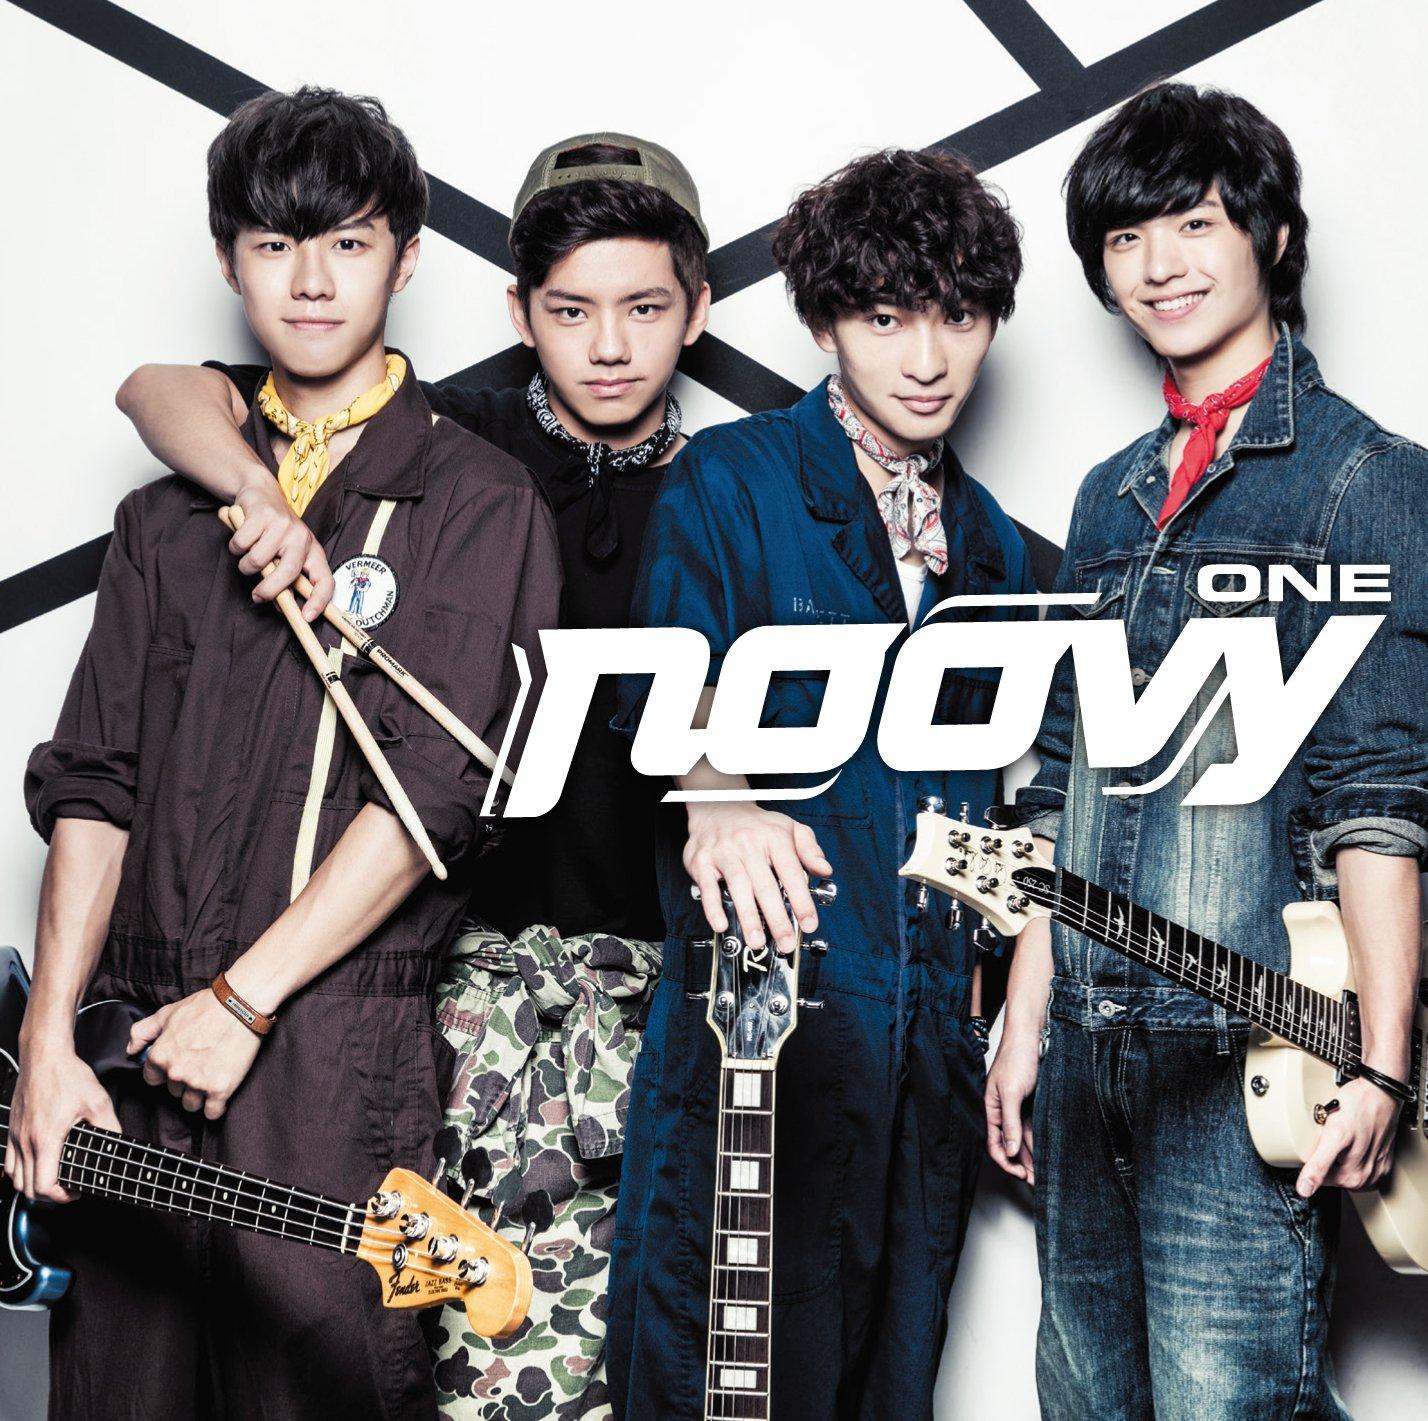 ONE noovy